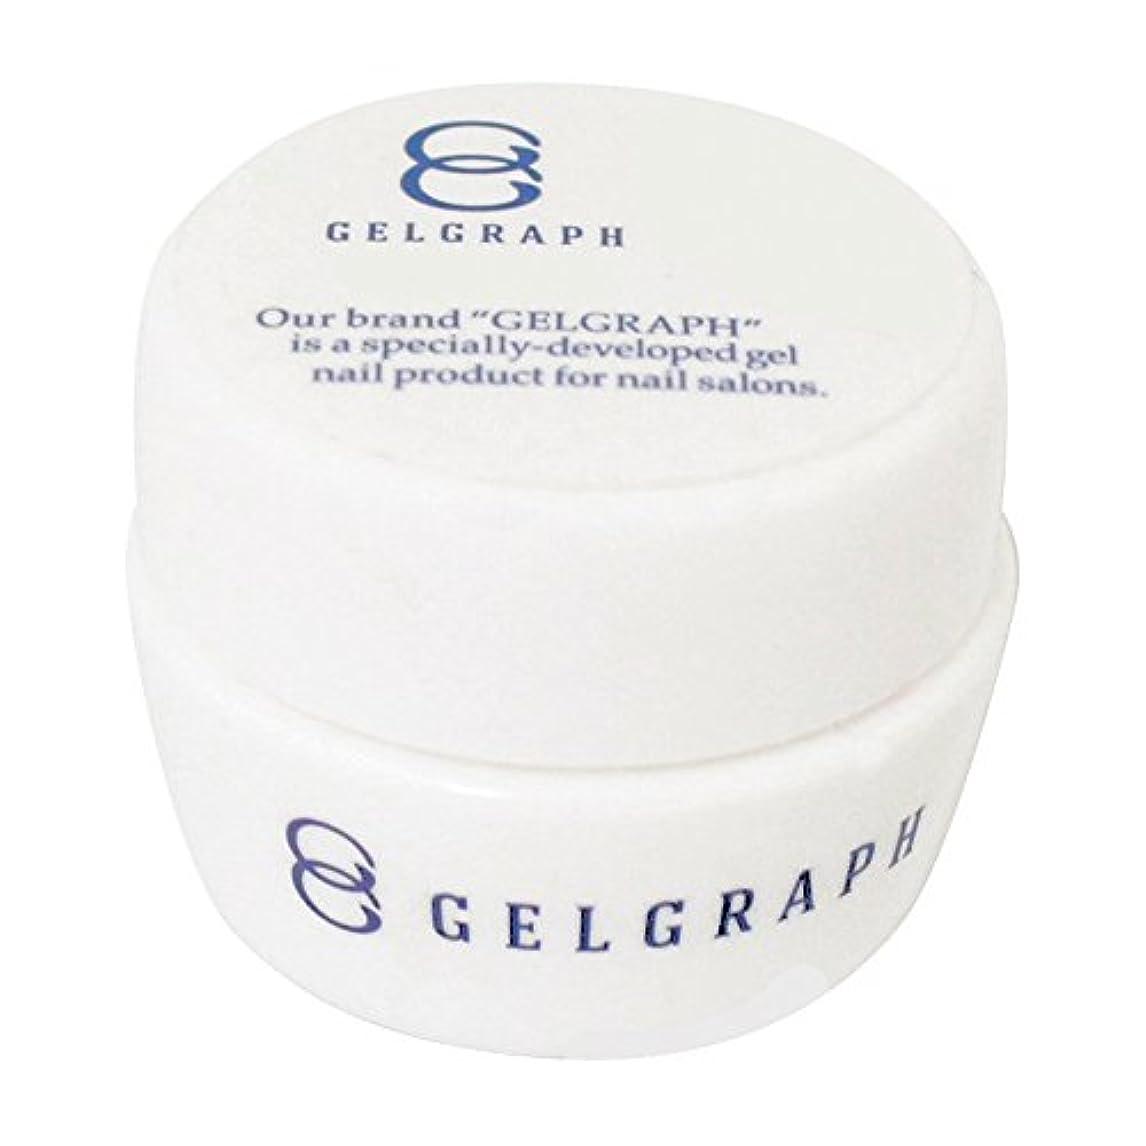 図書館比べる企業GELGRAPH(ジェルグラフ) GELGRAPH カラージェル 220SG ルイーズ 5g UV/LED対応 ジェルネイル